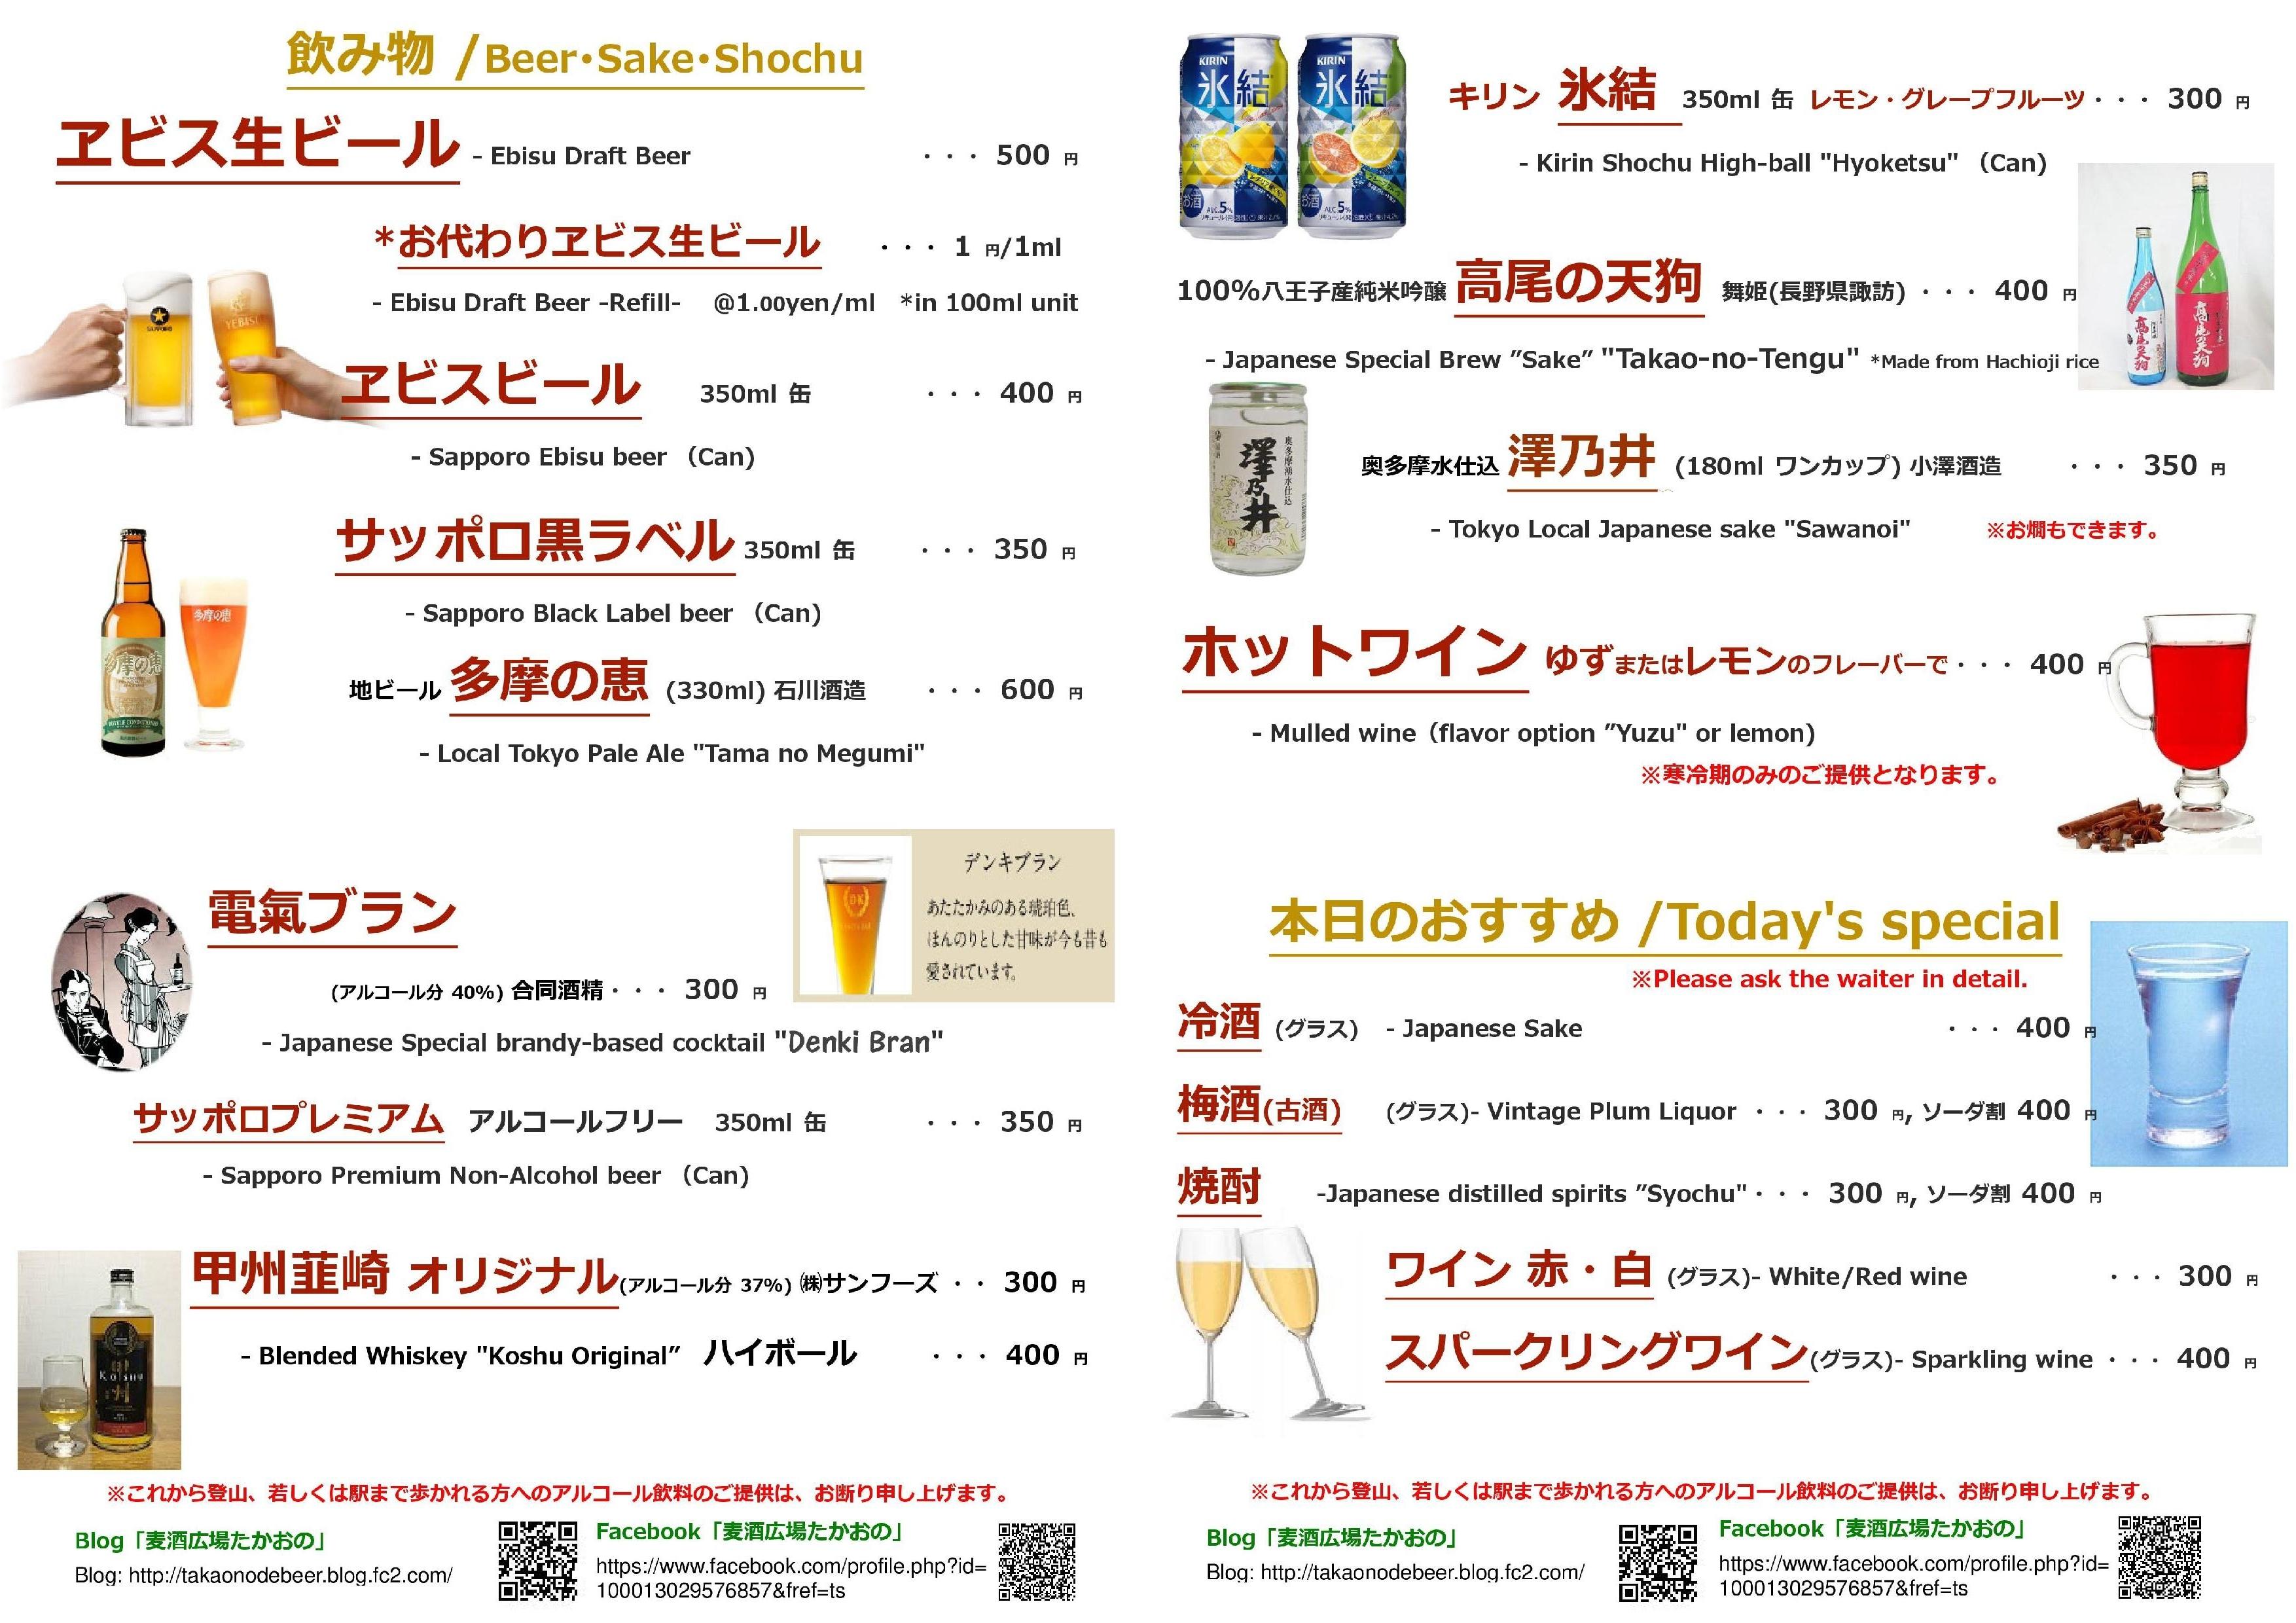 #ヱビスビール #うまいビール #生ビール #小仏城山 #高尾 #高尾山 #小仏バス停 #景信山 #小仏峠 #たかおの #麦酒広場たかおの #beer #greatbeer #yebisubeer #kobotoke #shiroyama #takao #draftbeer #takaosan #ko